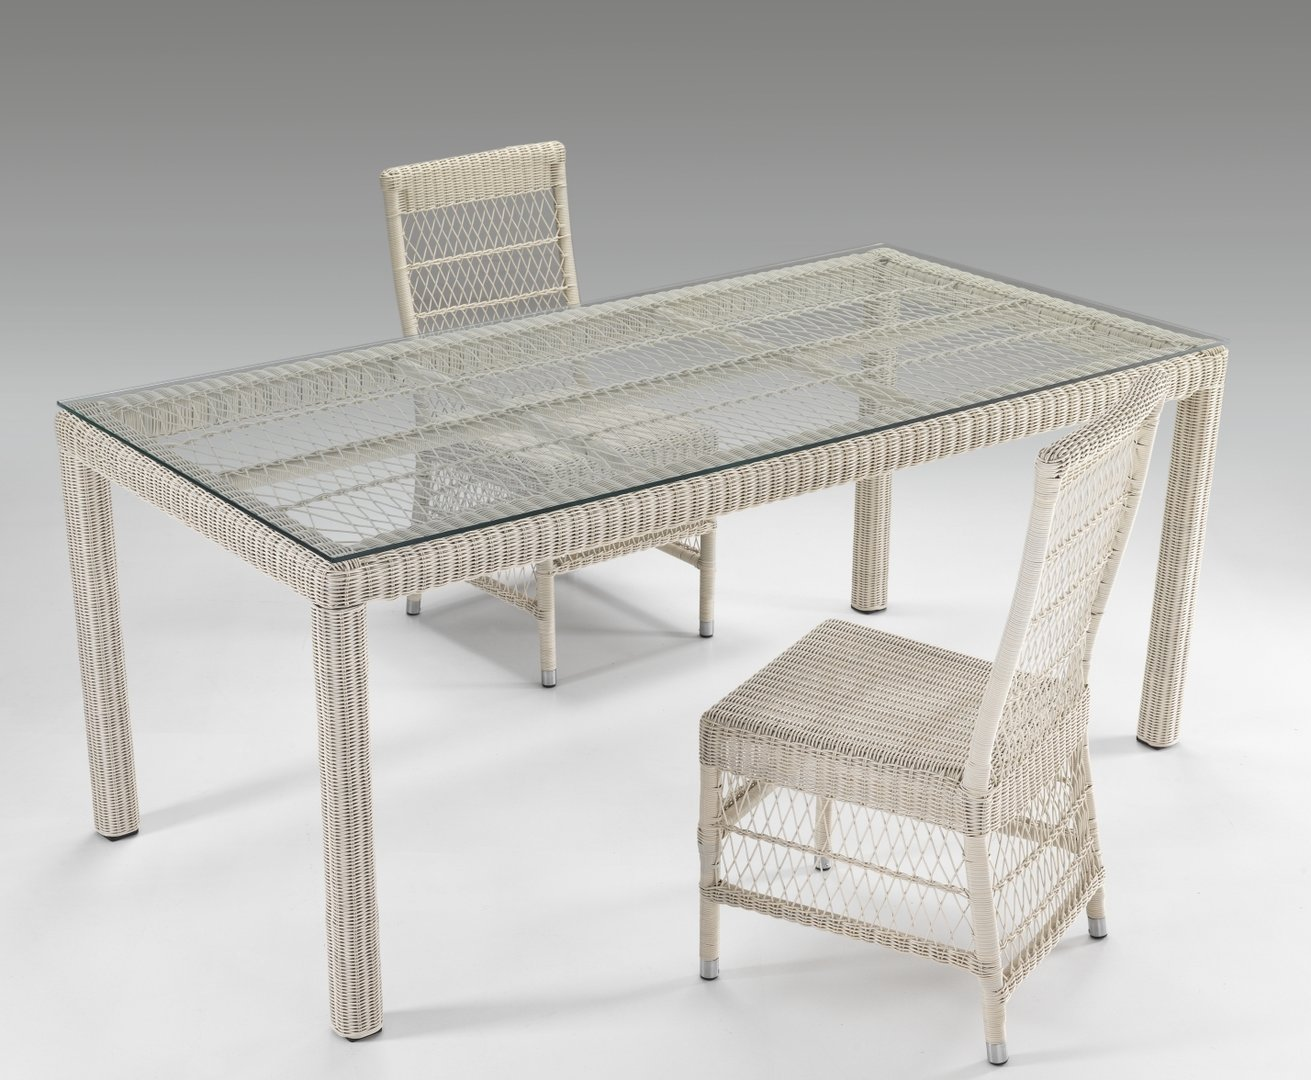 Tavolo rettangolare con vetro etnico outlet mobili etnici industrial shabby chic - Tavoli da balcone brico ...